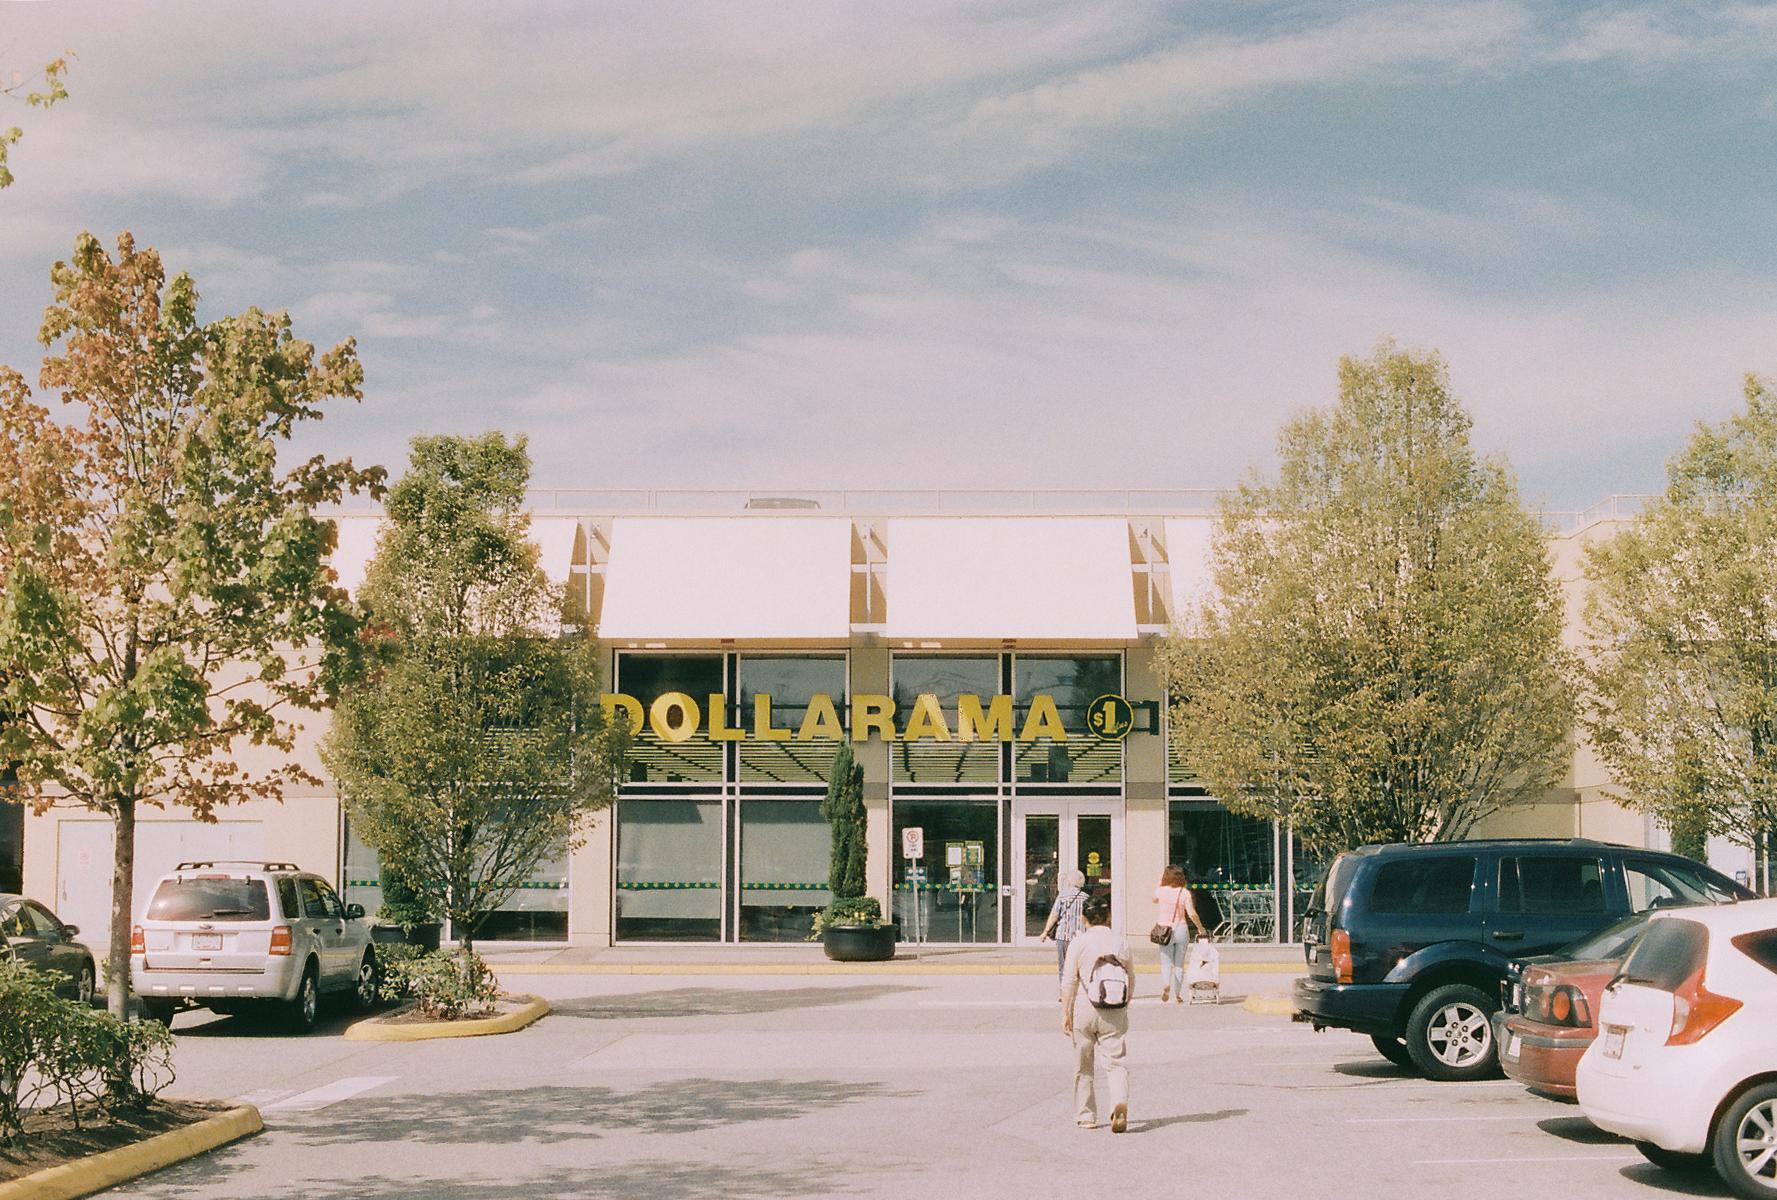 coquitlam center, british columbia, canada